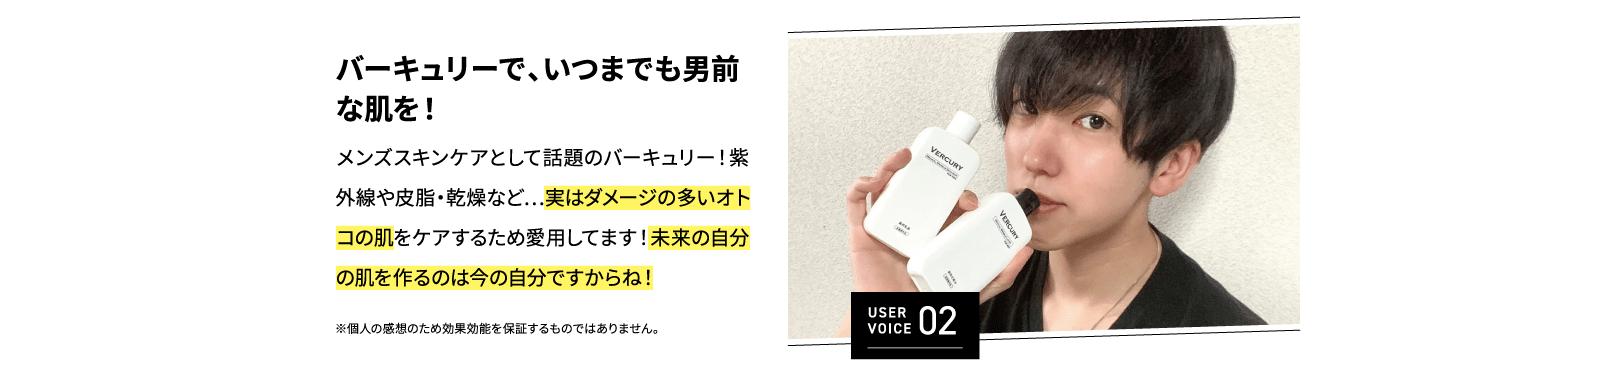 USERVOICE02